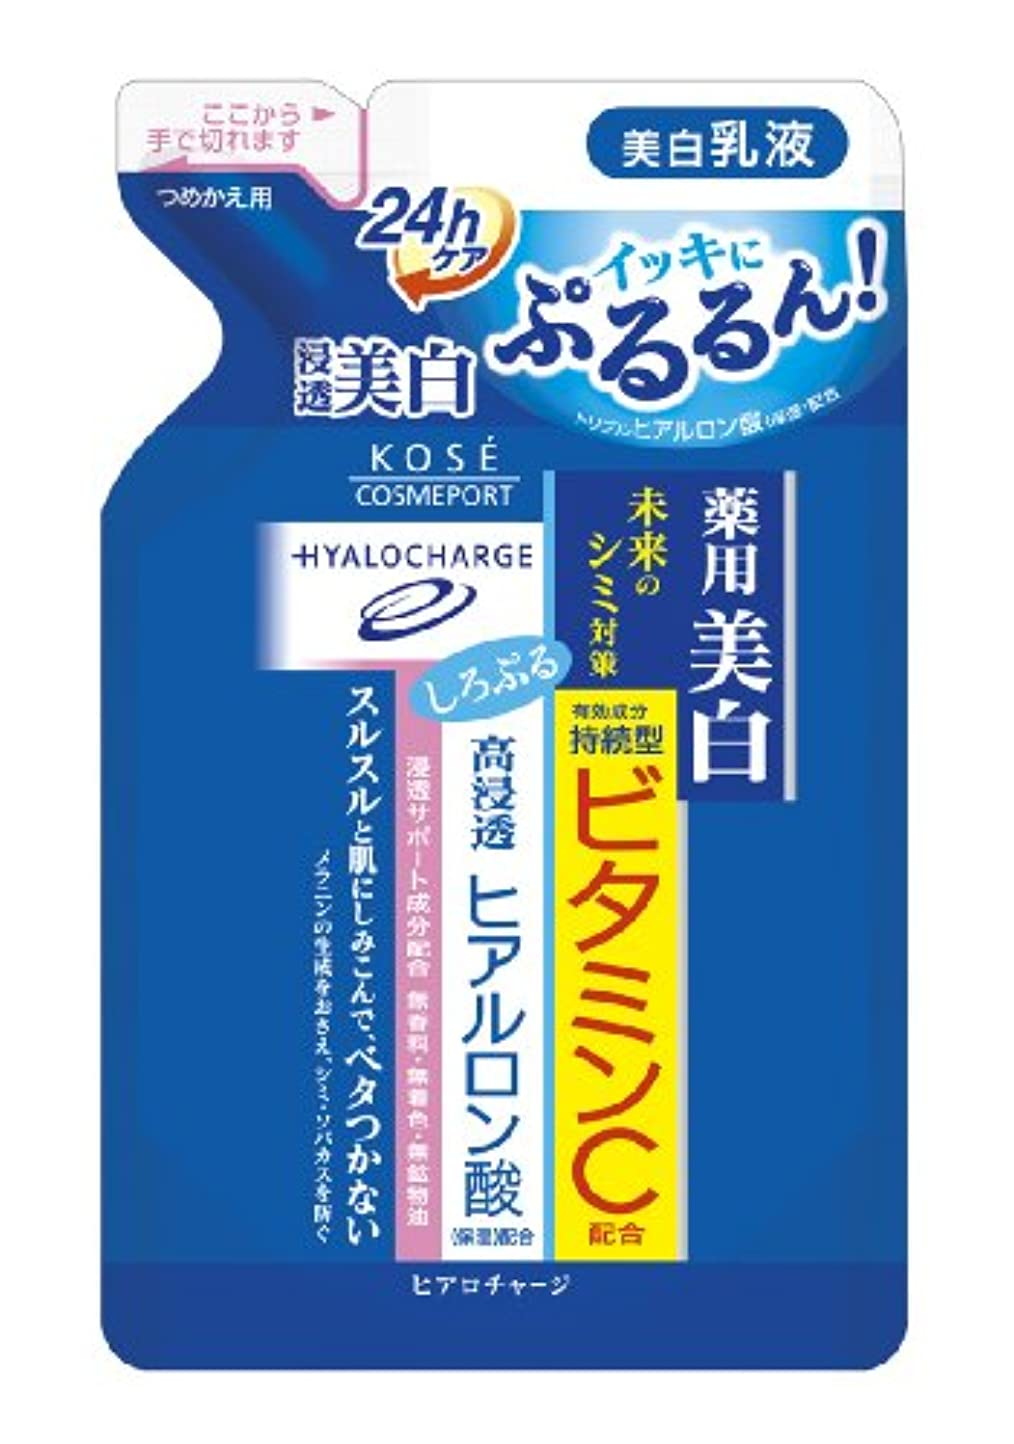 期待侵略血まみれのKOSE ヒアロチャージ ホワイト 薬用 ホワイト ミルキィローション つめかえ 140mL (医薬部外品)